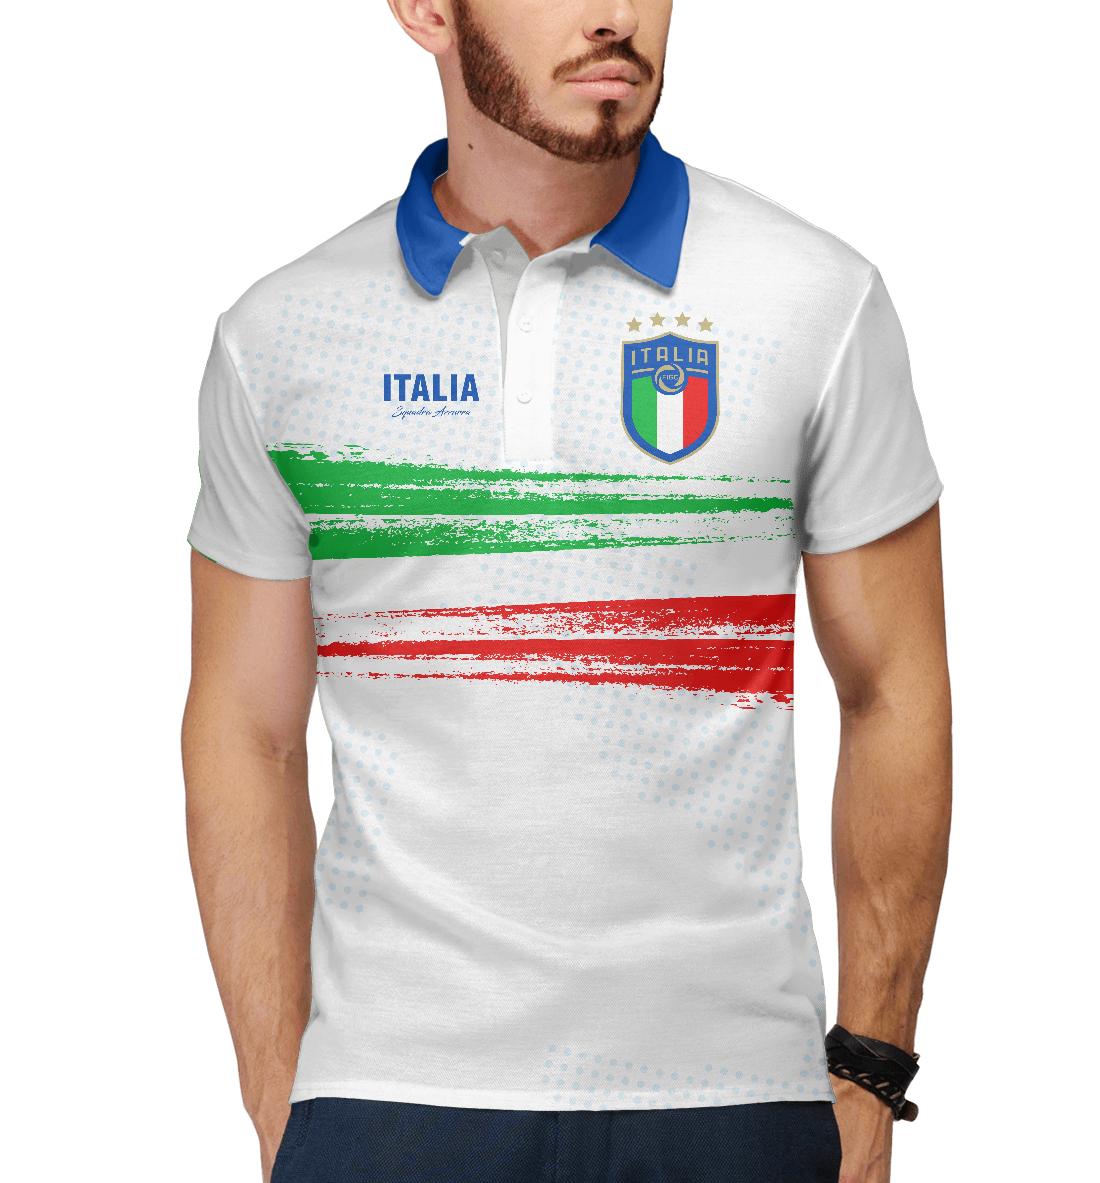 Купить Италия, Printbar, Поло, FNS-889259-pol-2